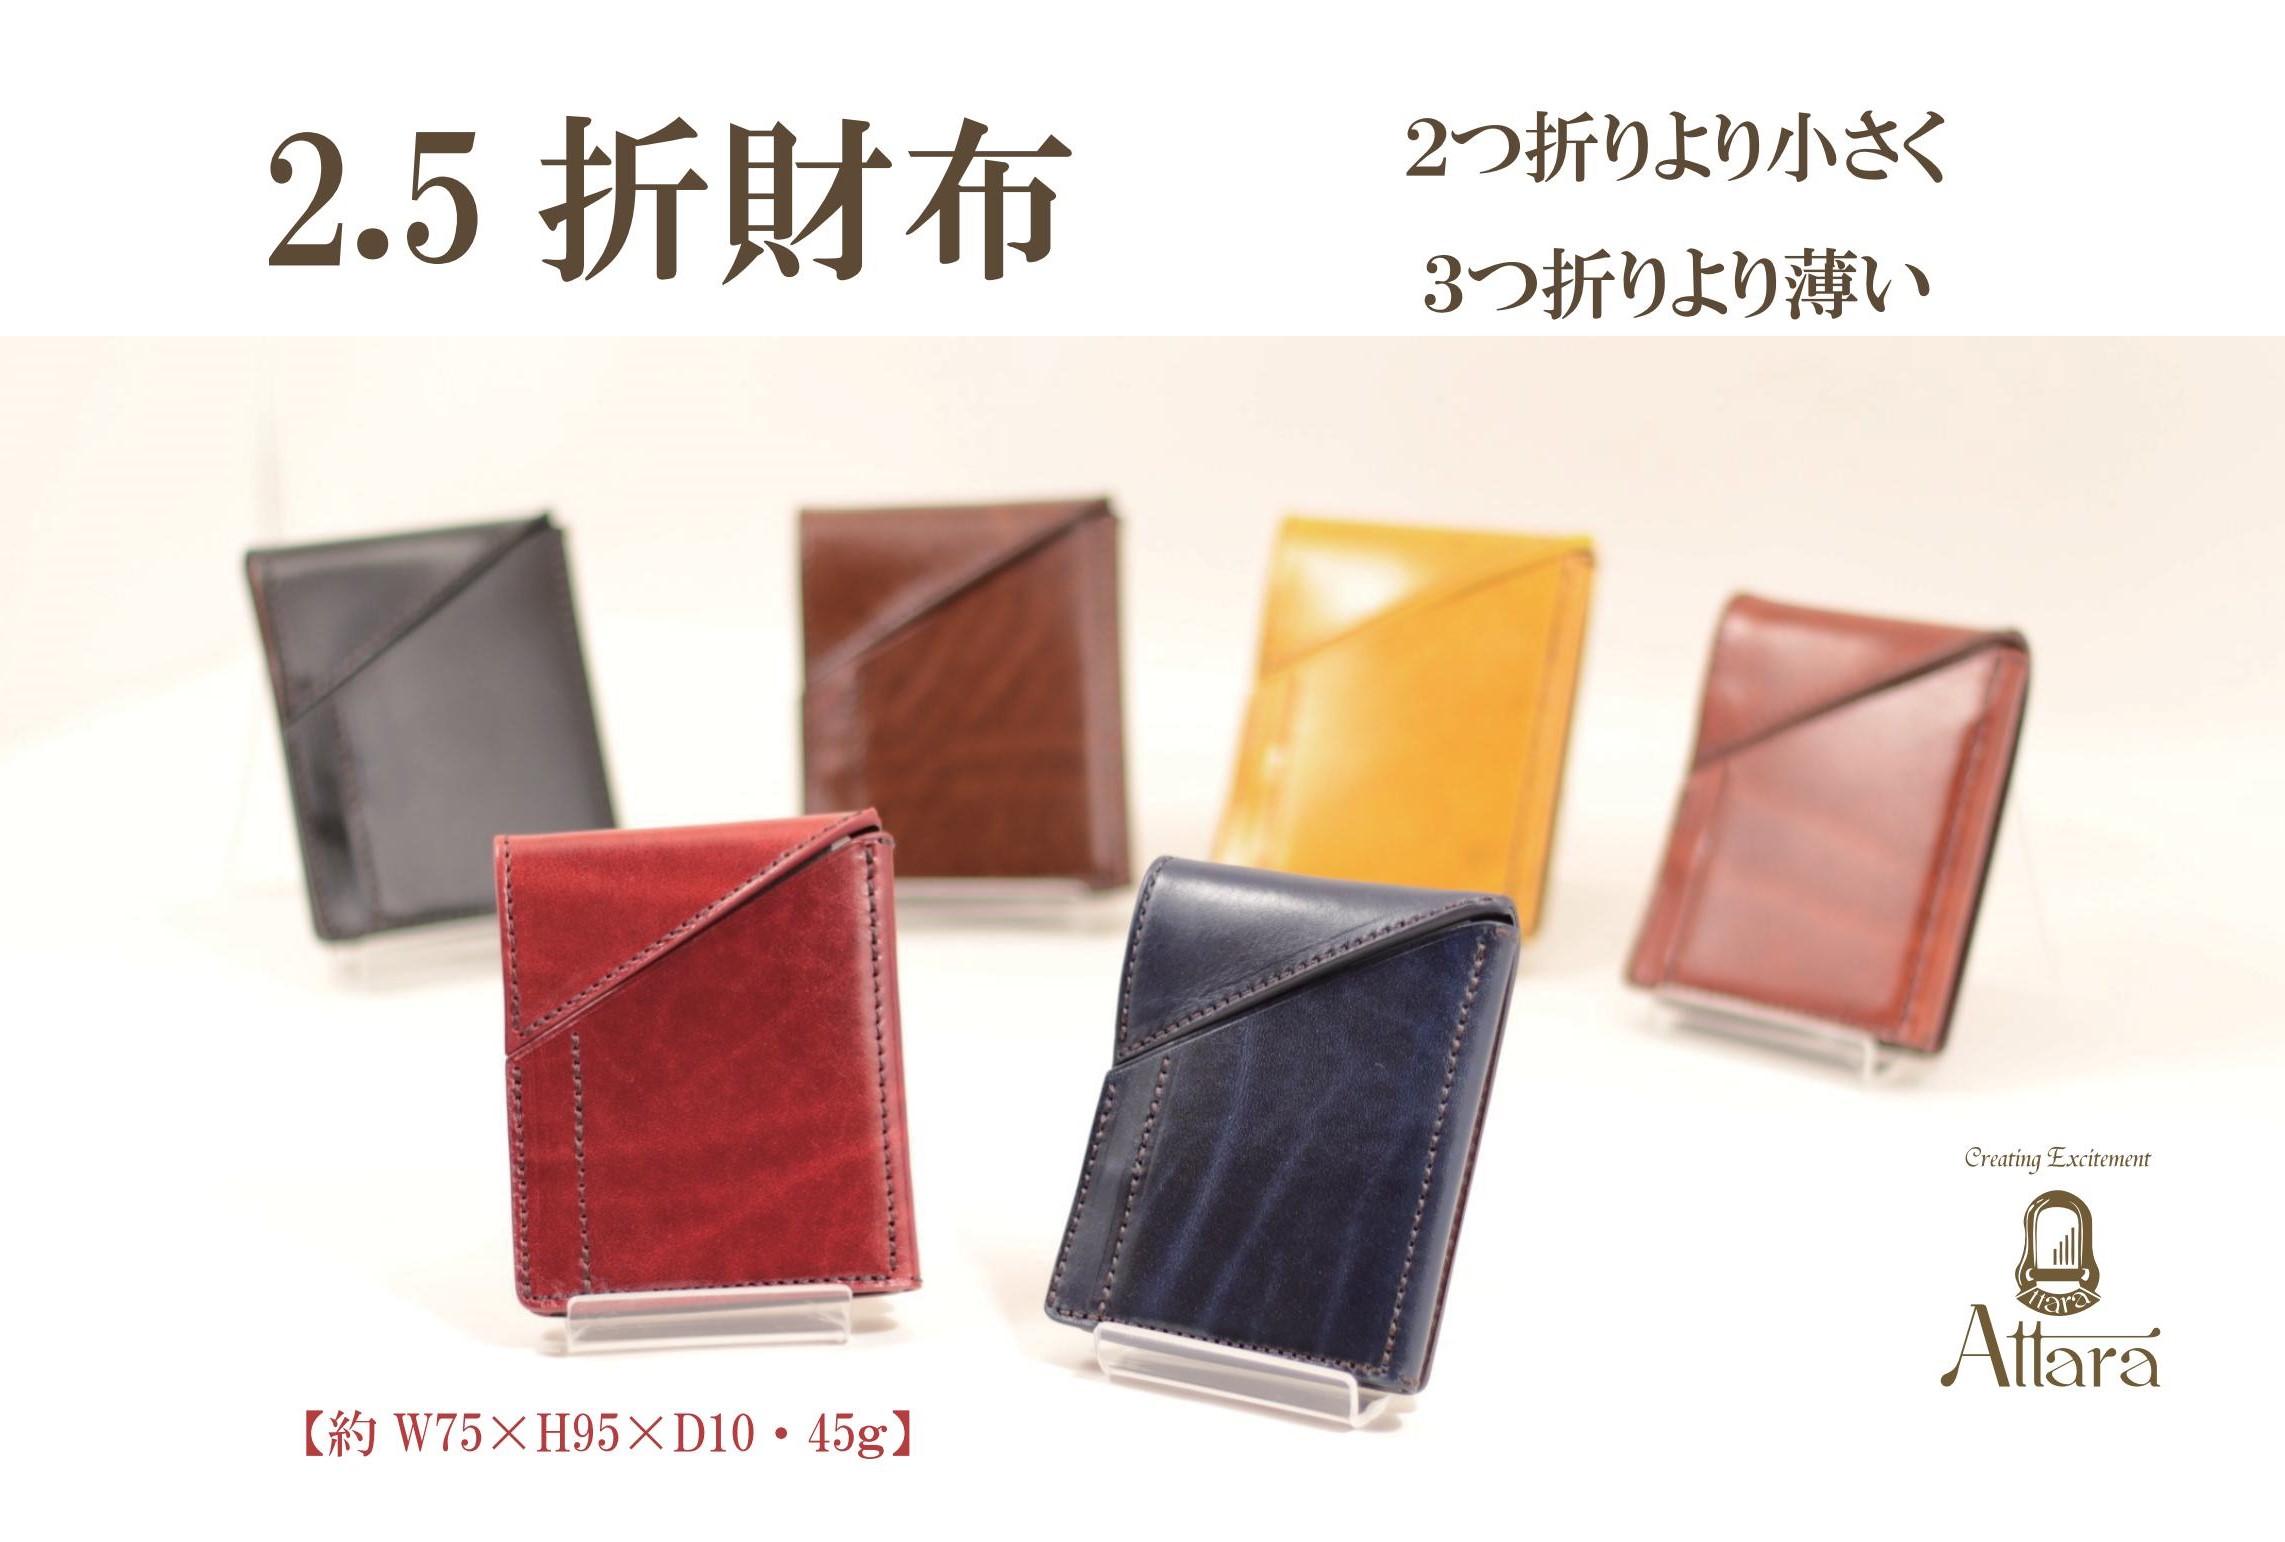 丸井今井札幌本店出店